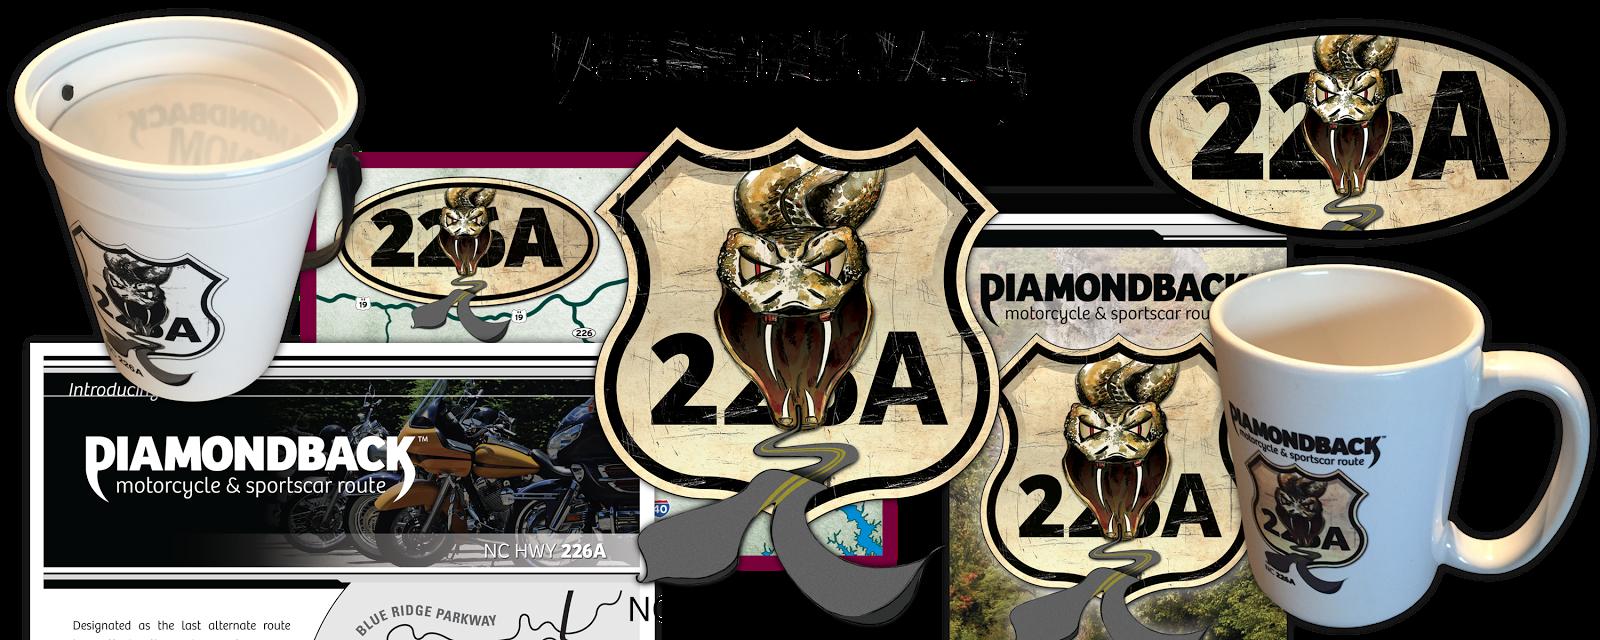 Diamondback branding